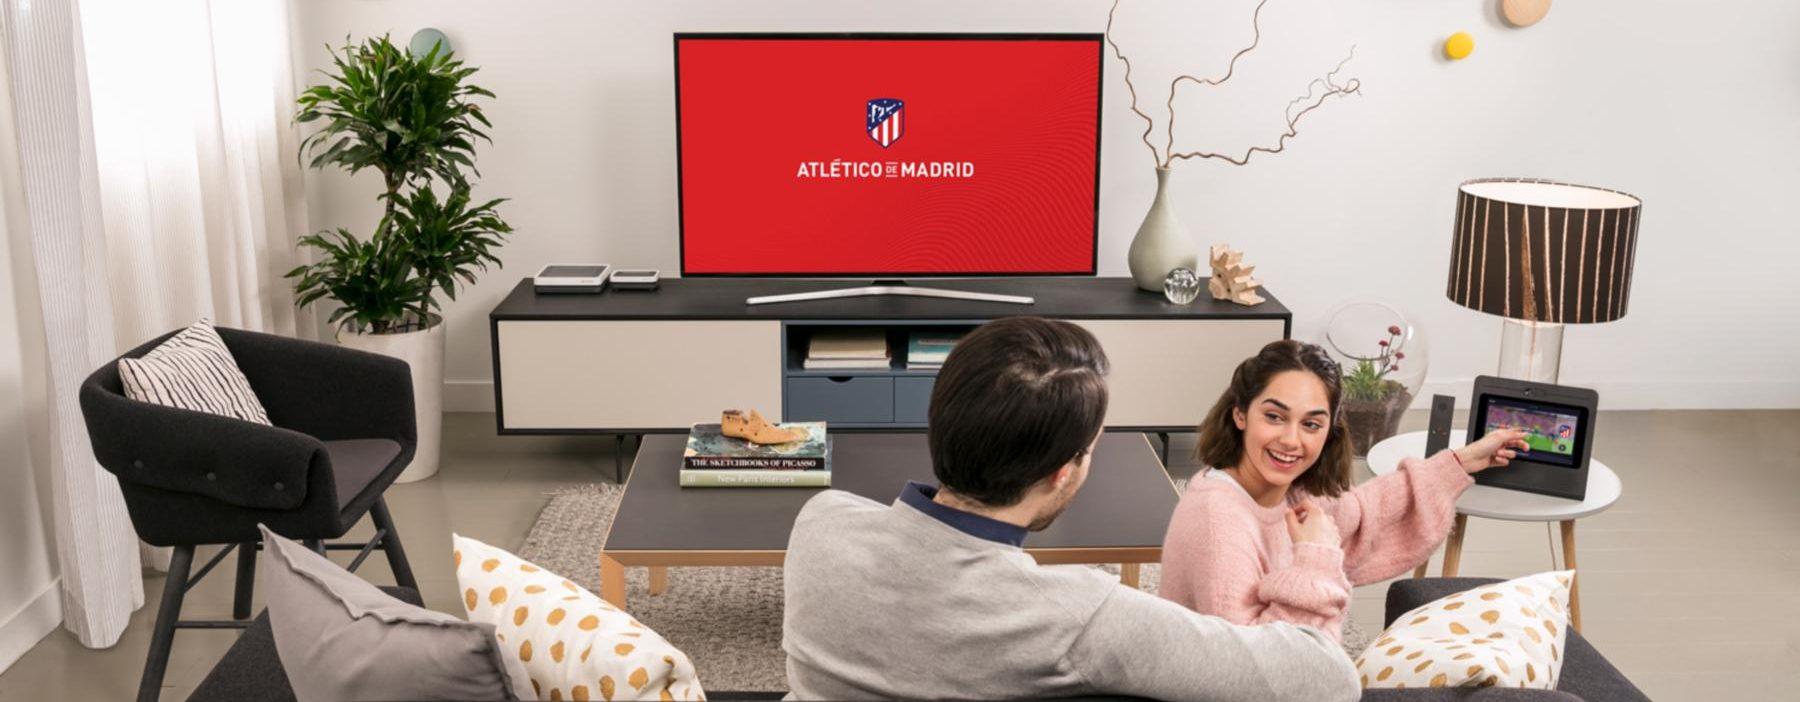 Cách xem nội dung độc quyền từ Atlético de Madrid trên Movistar + 3